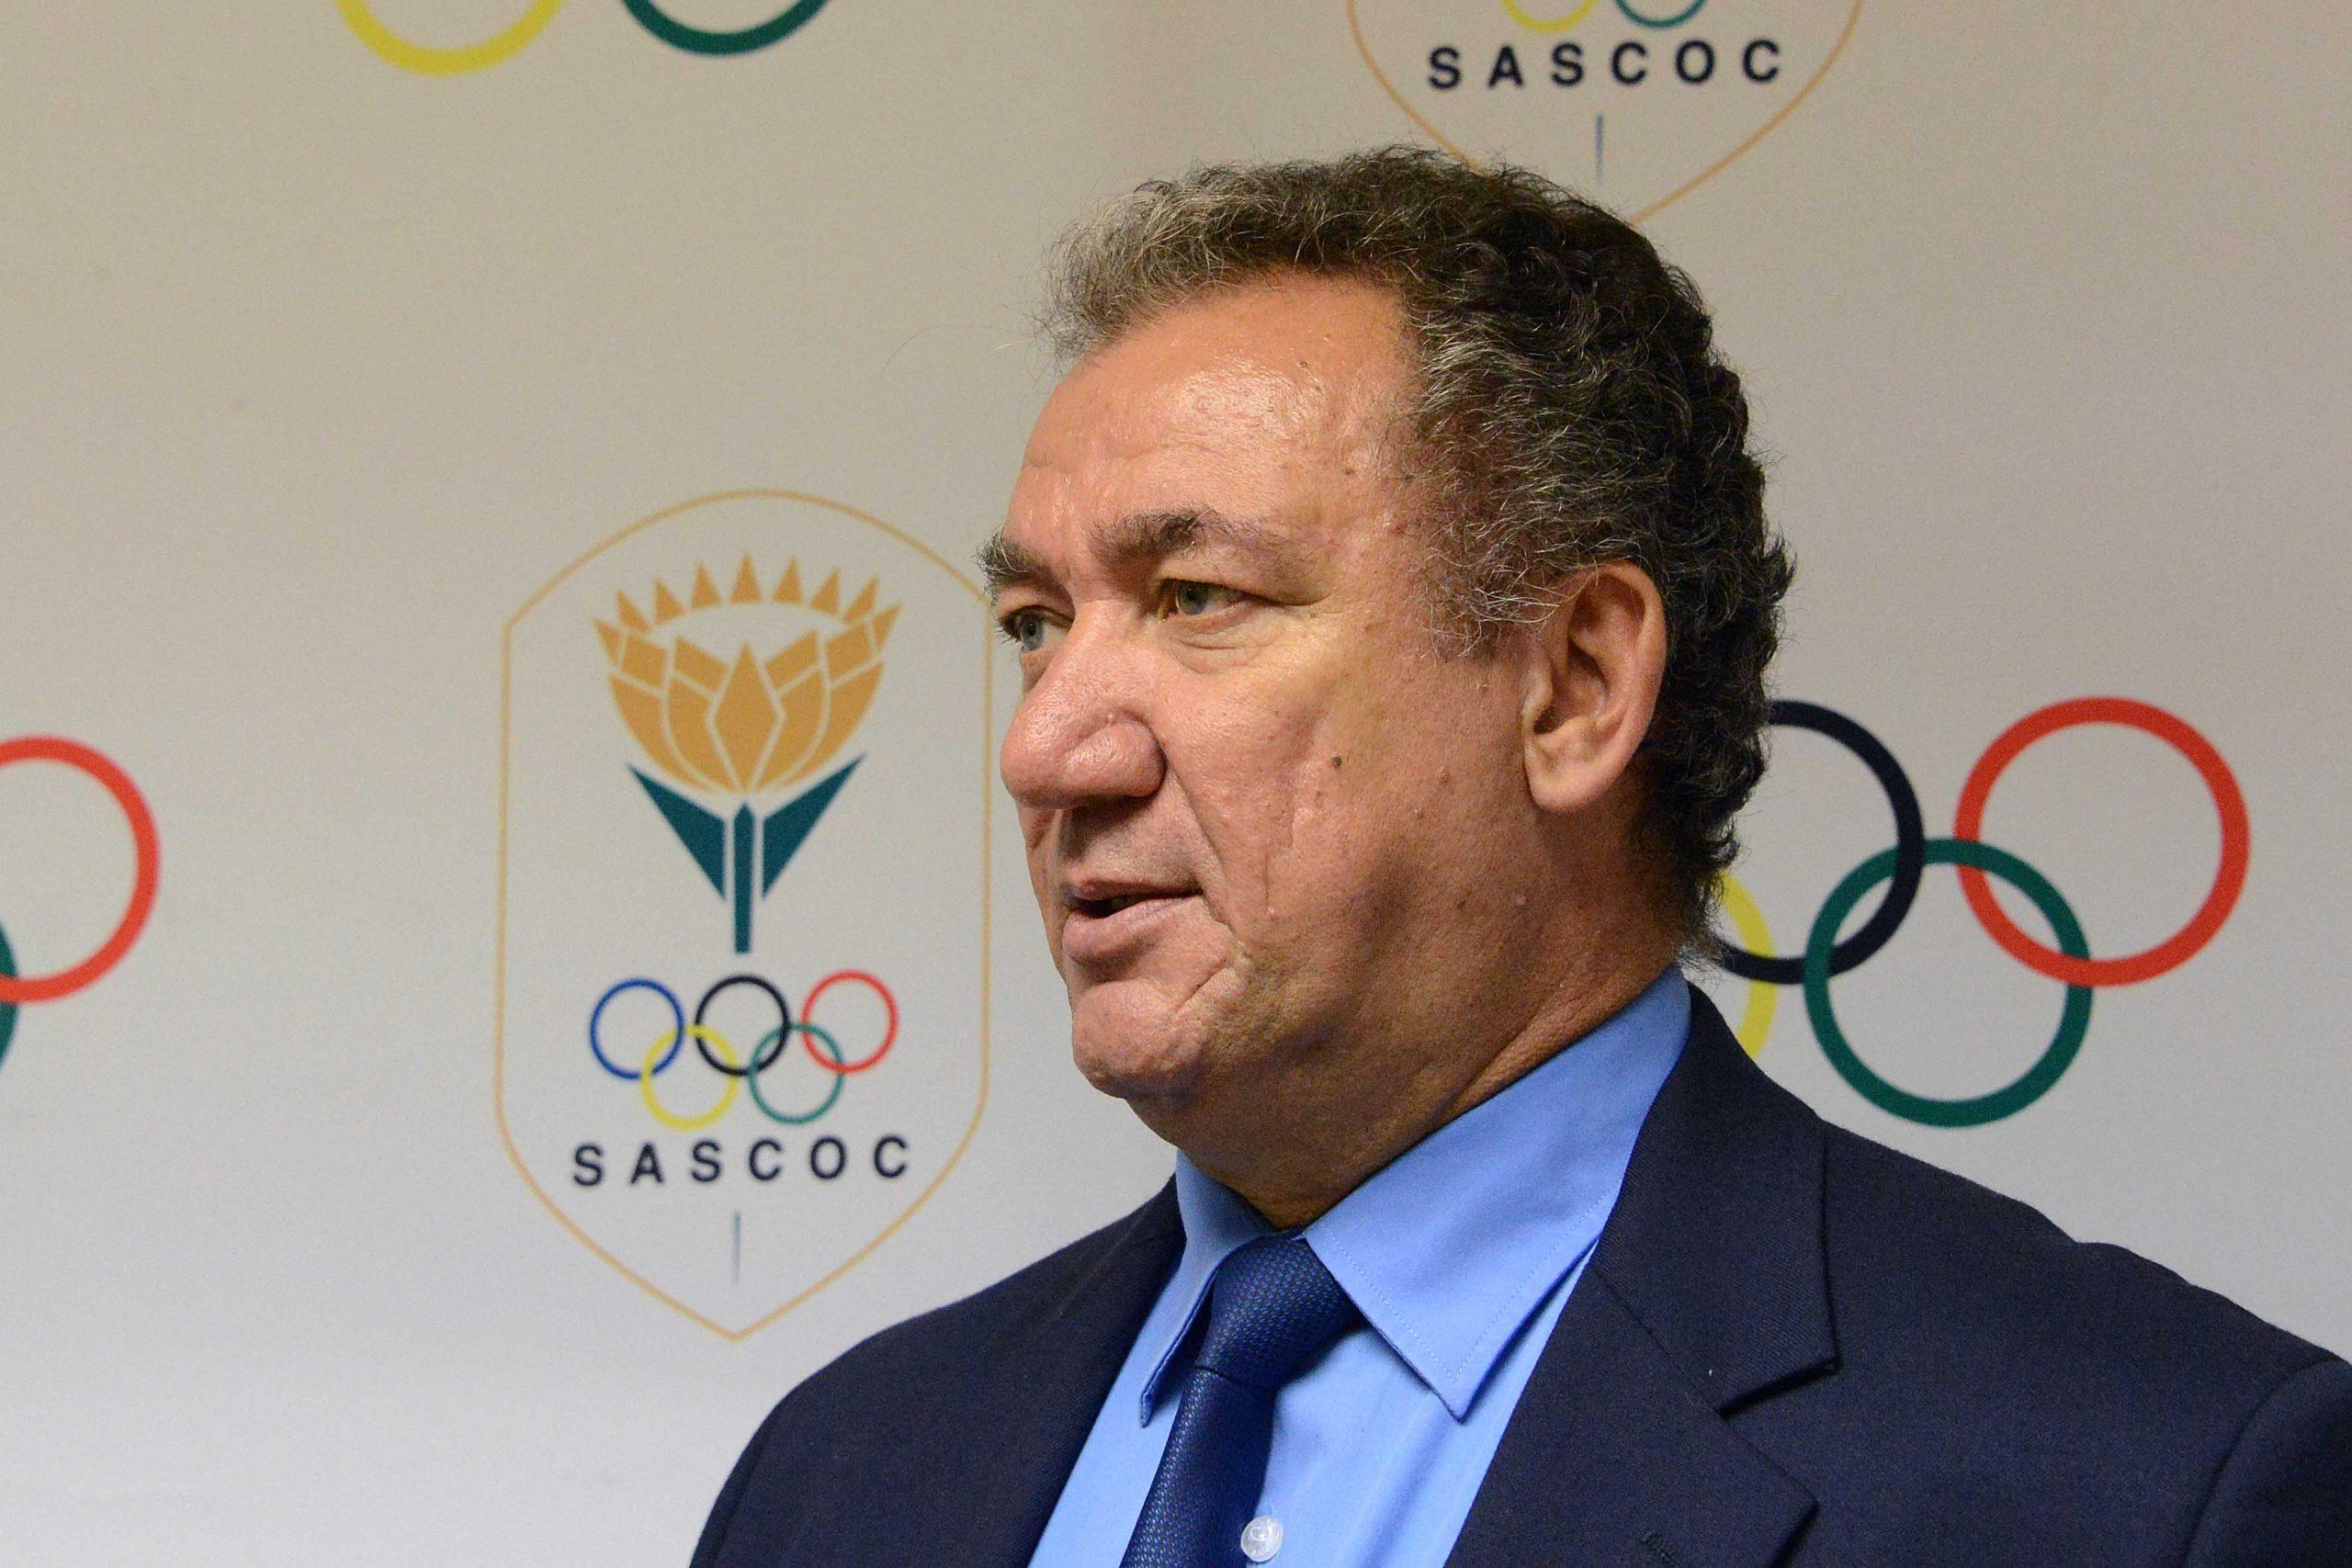 Veldskoen on board as sponsors for Tokyo Games